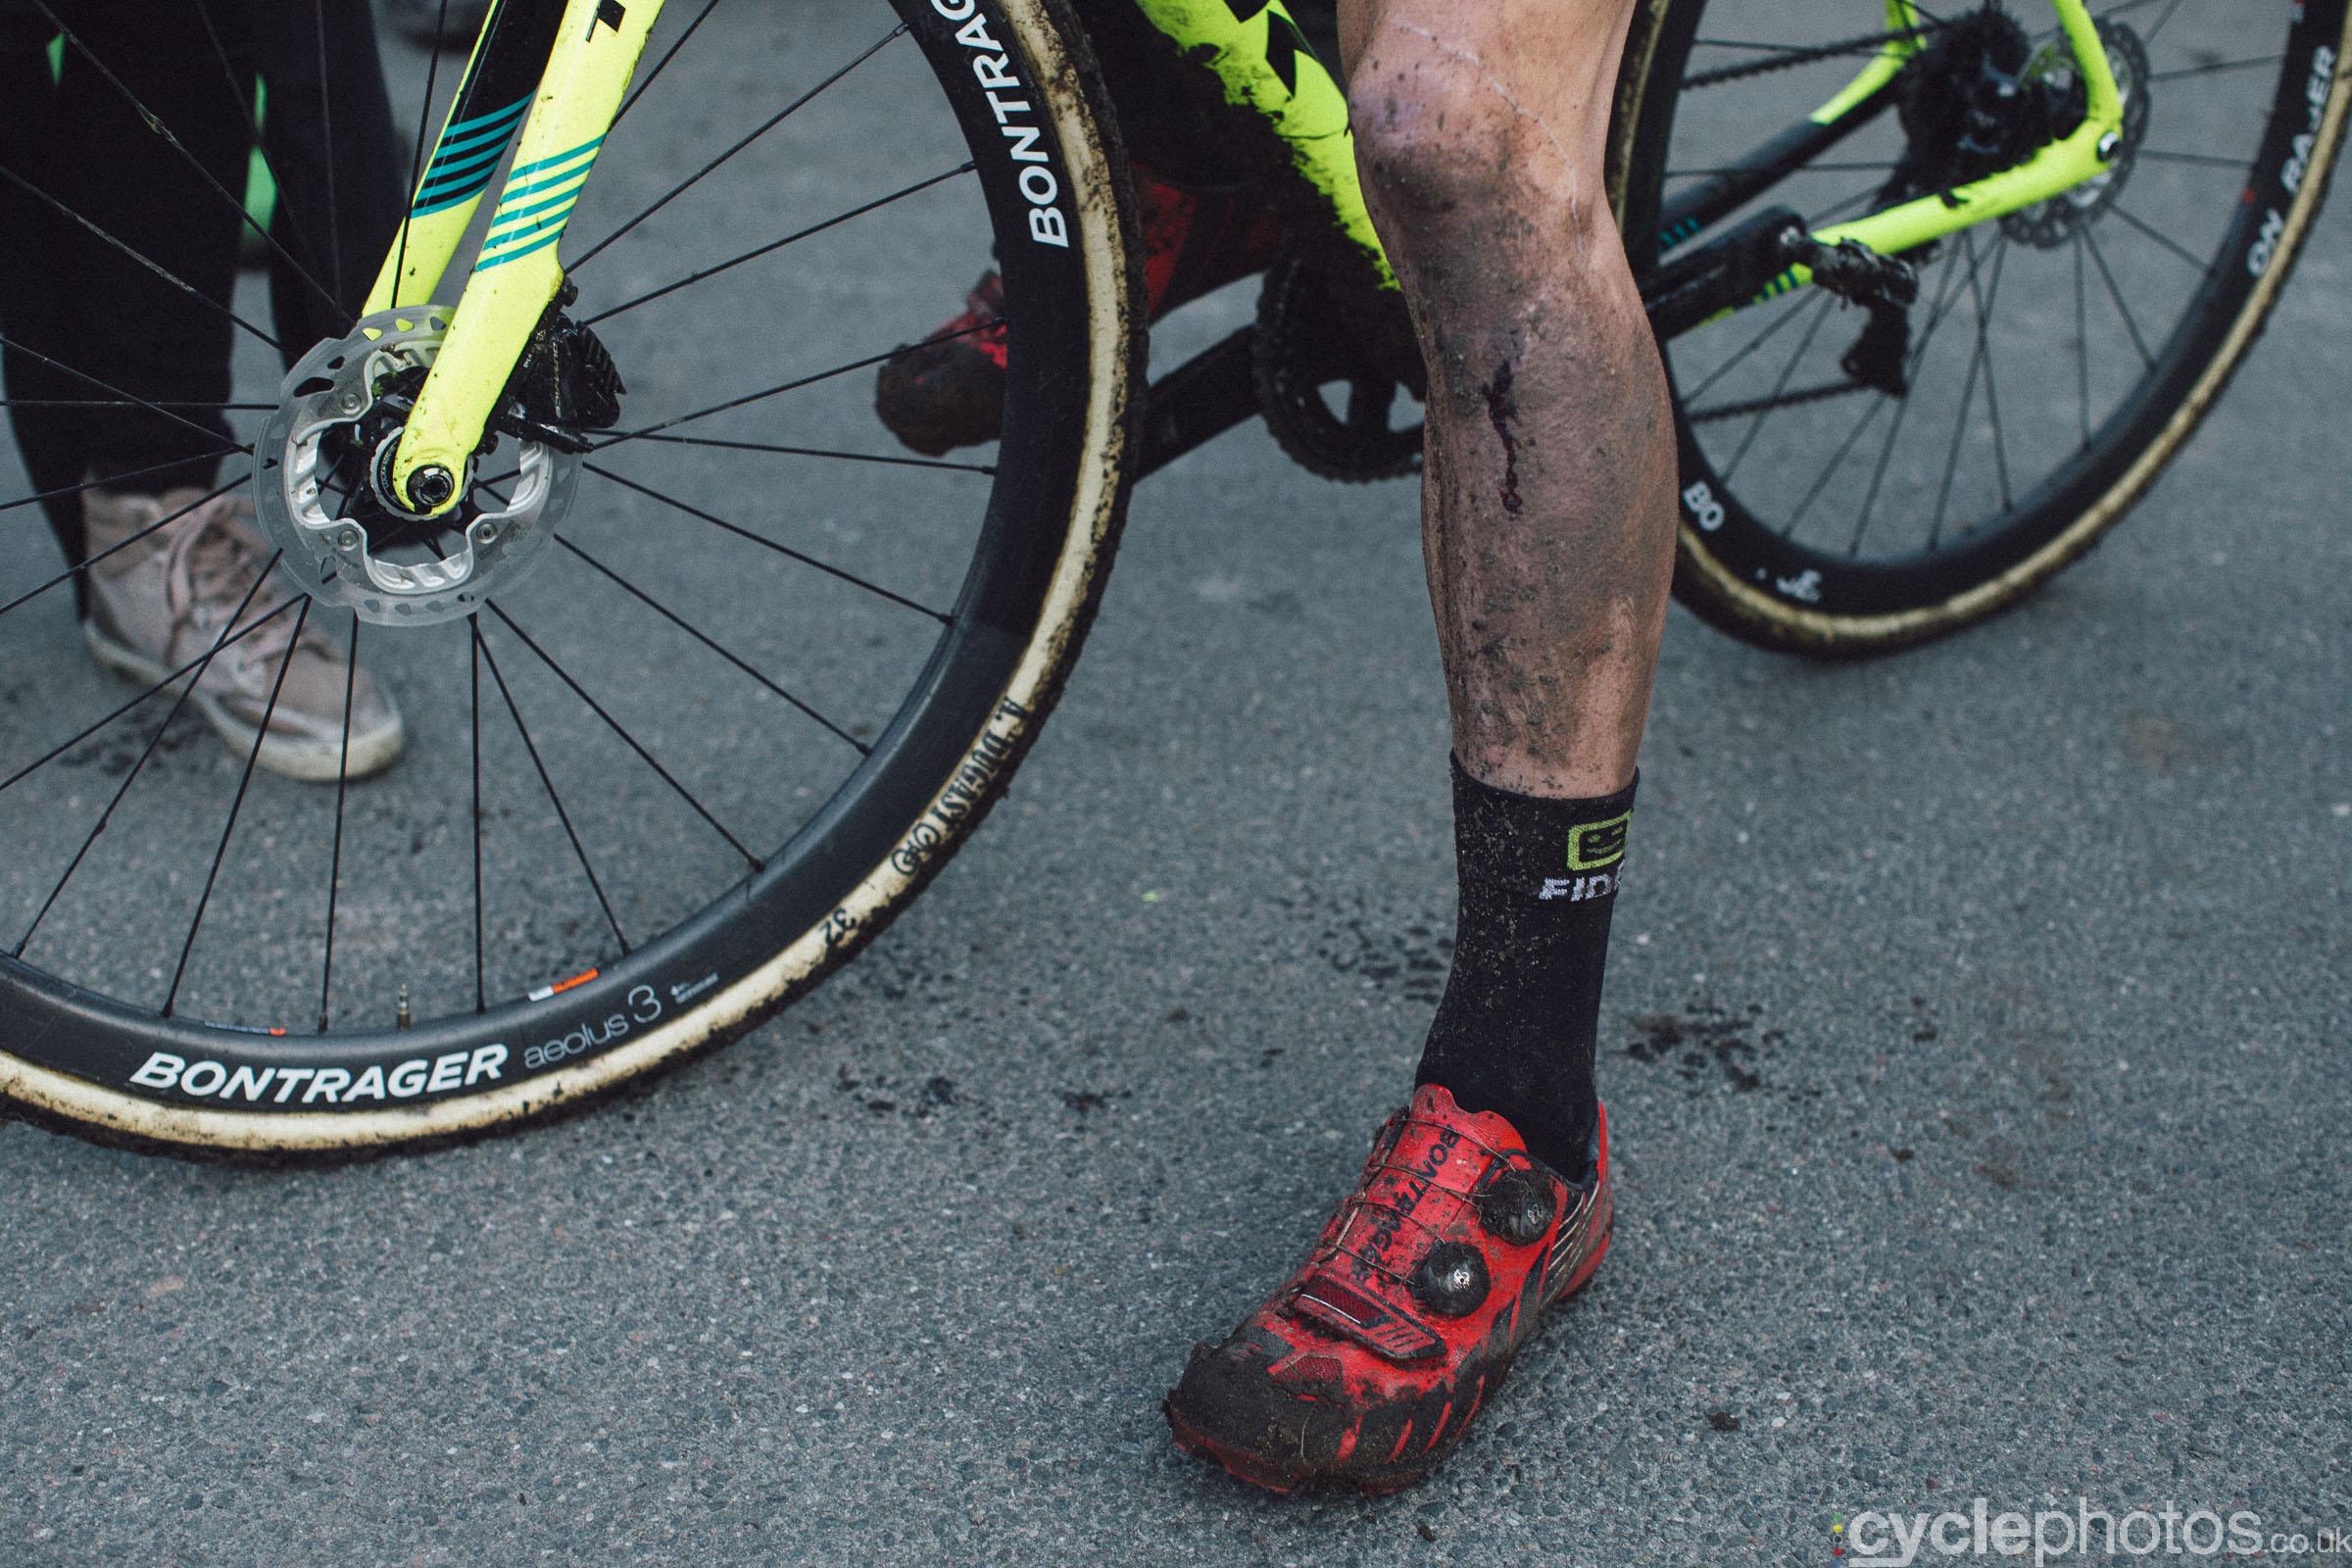 Corne van Kessel at UCI Cyclocross World Cup #4 - Bogense, DEN